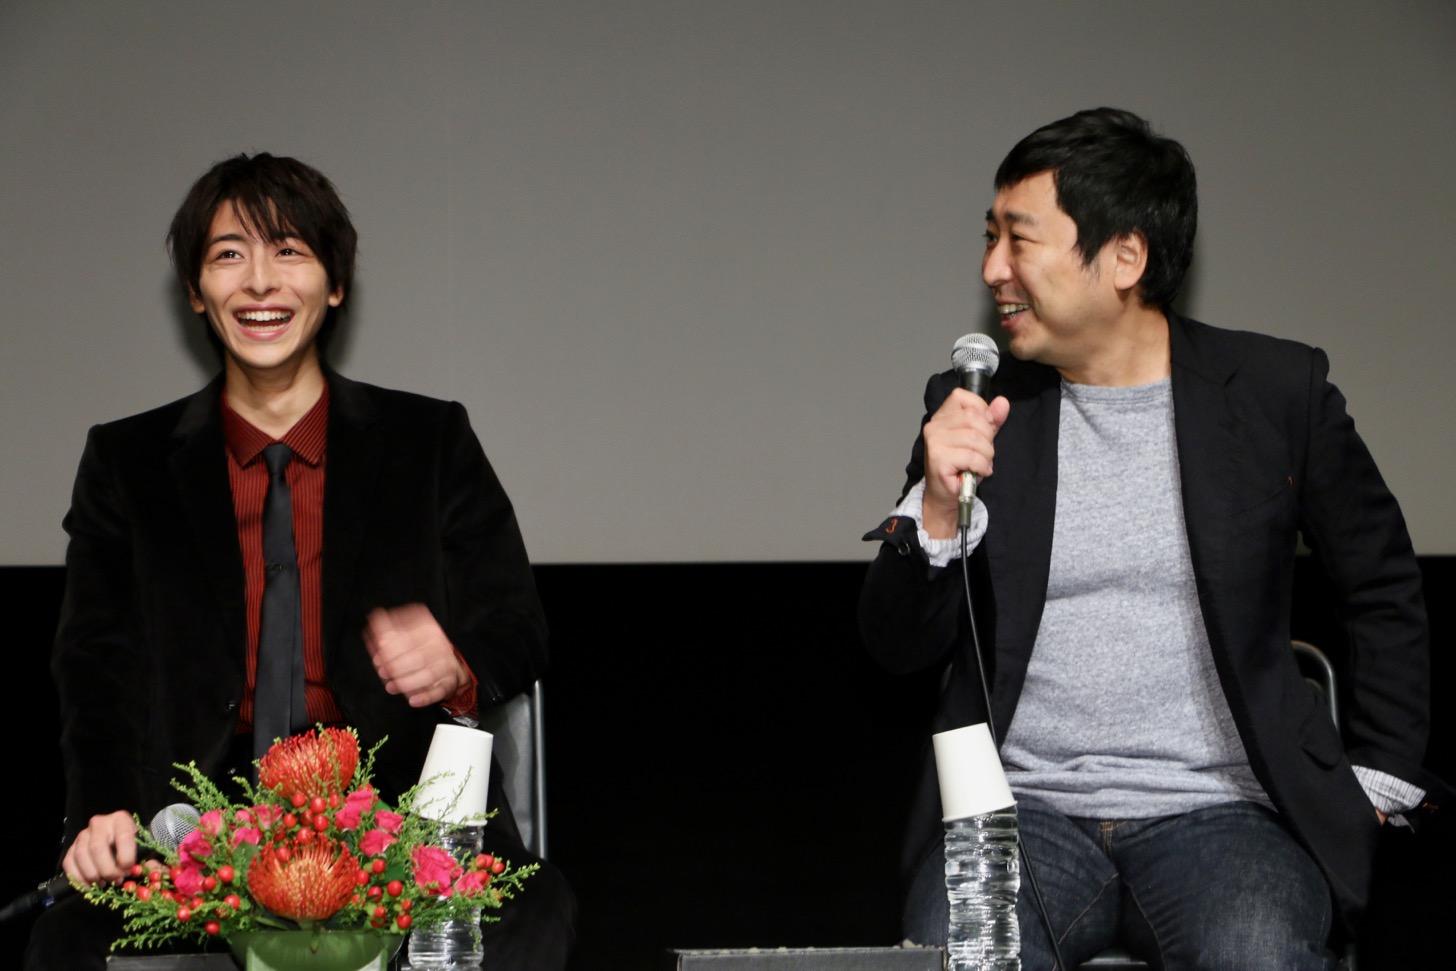 高杉真宙さんと小林監督